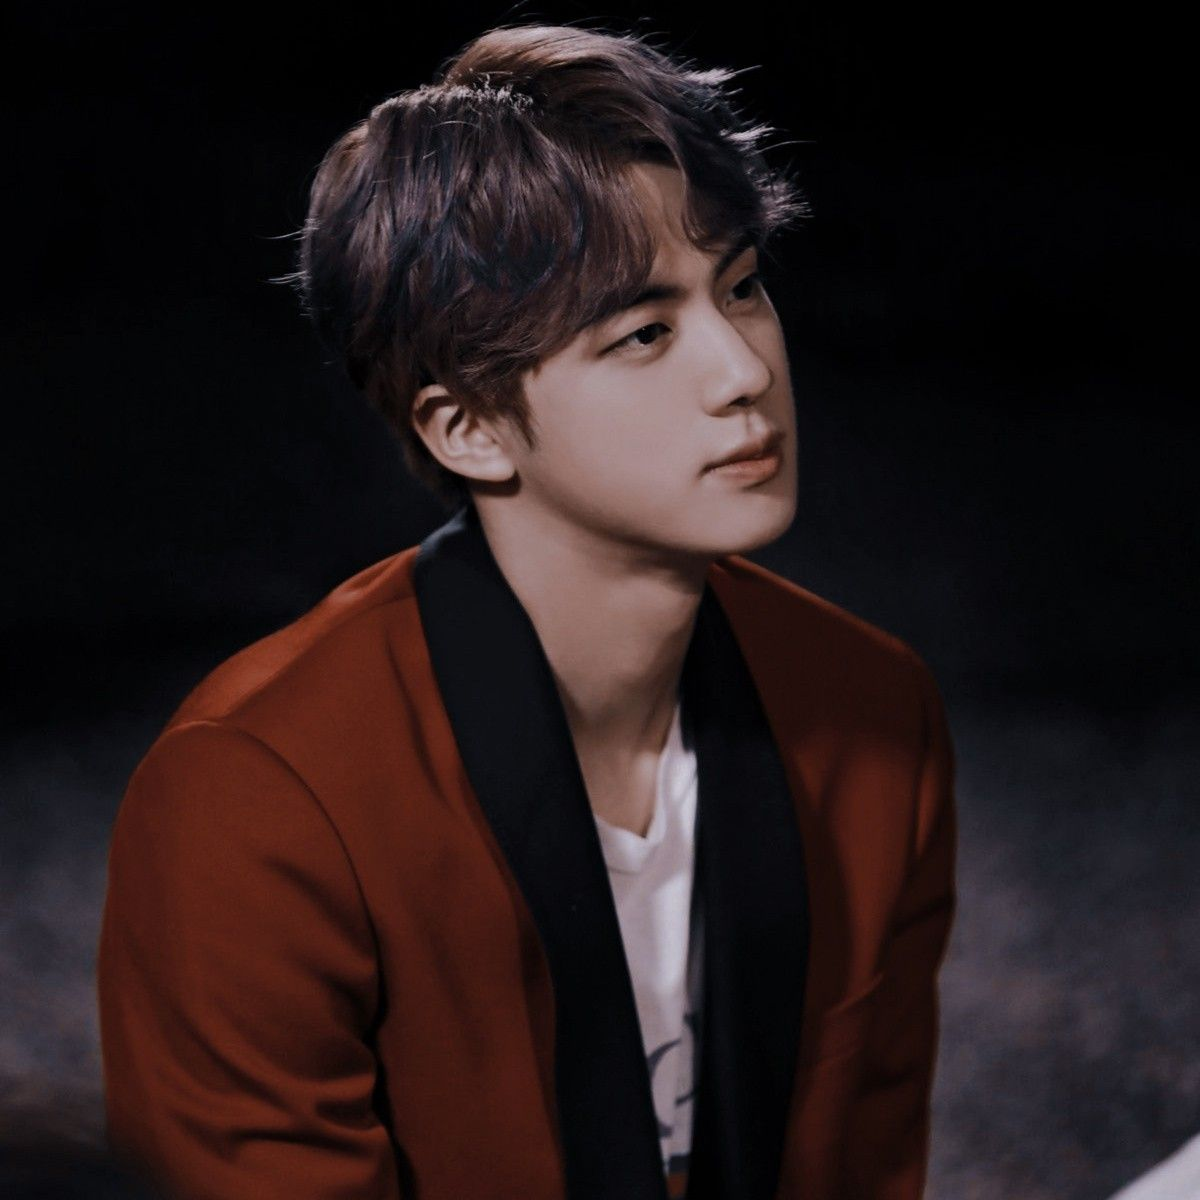 """Н˜½ð™ð™Ž Н™""""𝘾𝙊𝙉𝙎 Н˜±ð˜ªð˜¯ð˜µð˜¦ð˜³ð˜¦ð˜´ð˜µ Н˜¢ð˜³ð˜µð˜¦ð˜´ð˜µð˜©ð˜ªð˜¤ In 2020 Jin Icons Bts Jin Seokjin"""